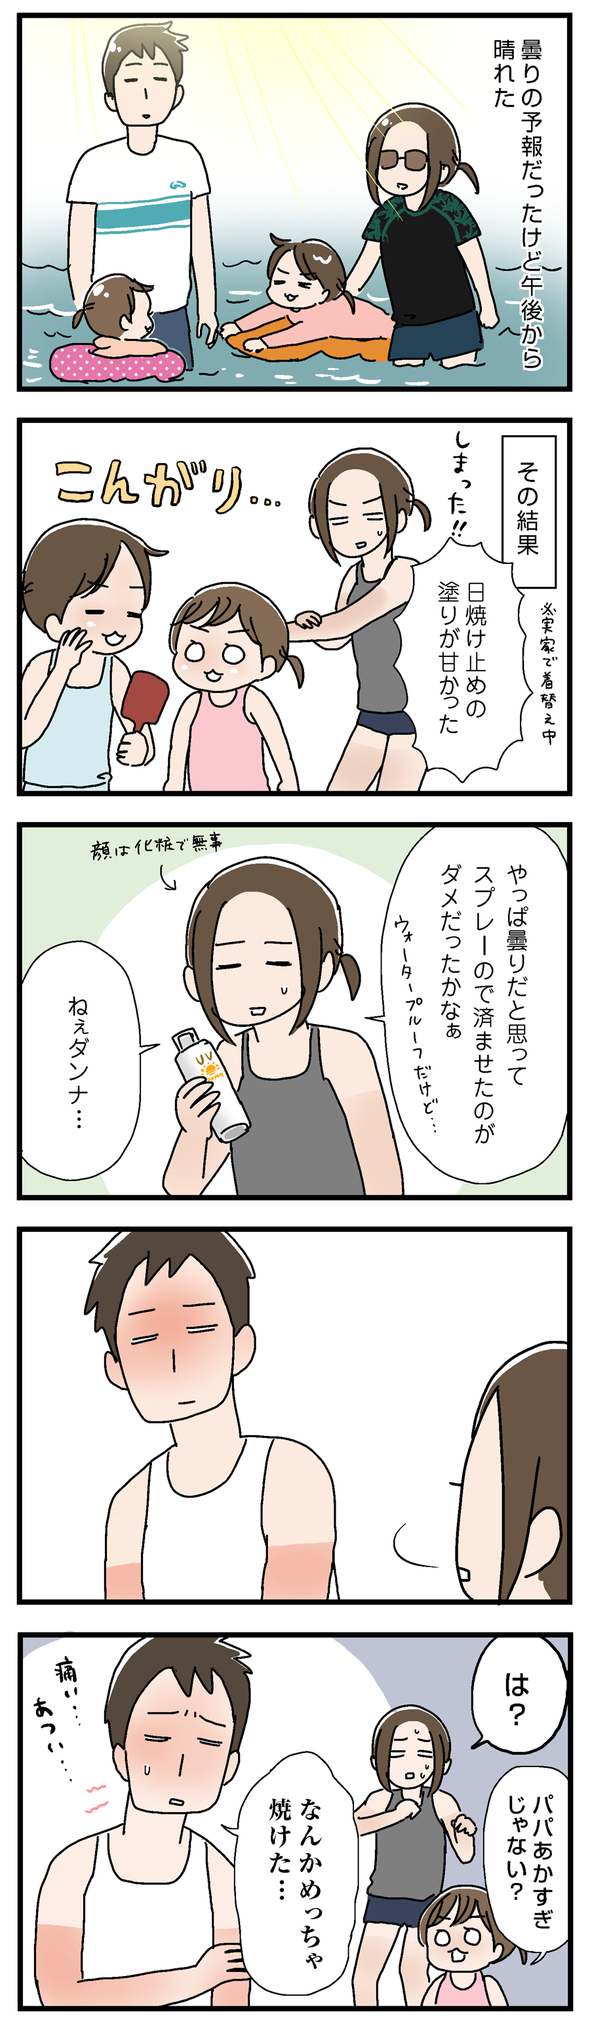 icchomae846_01